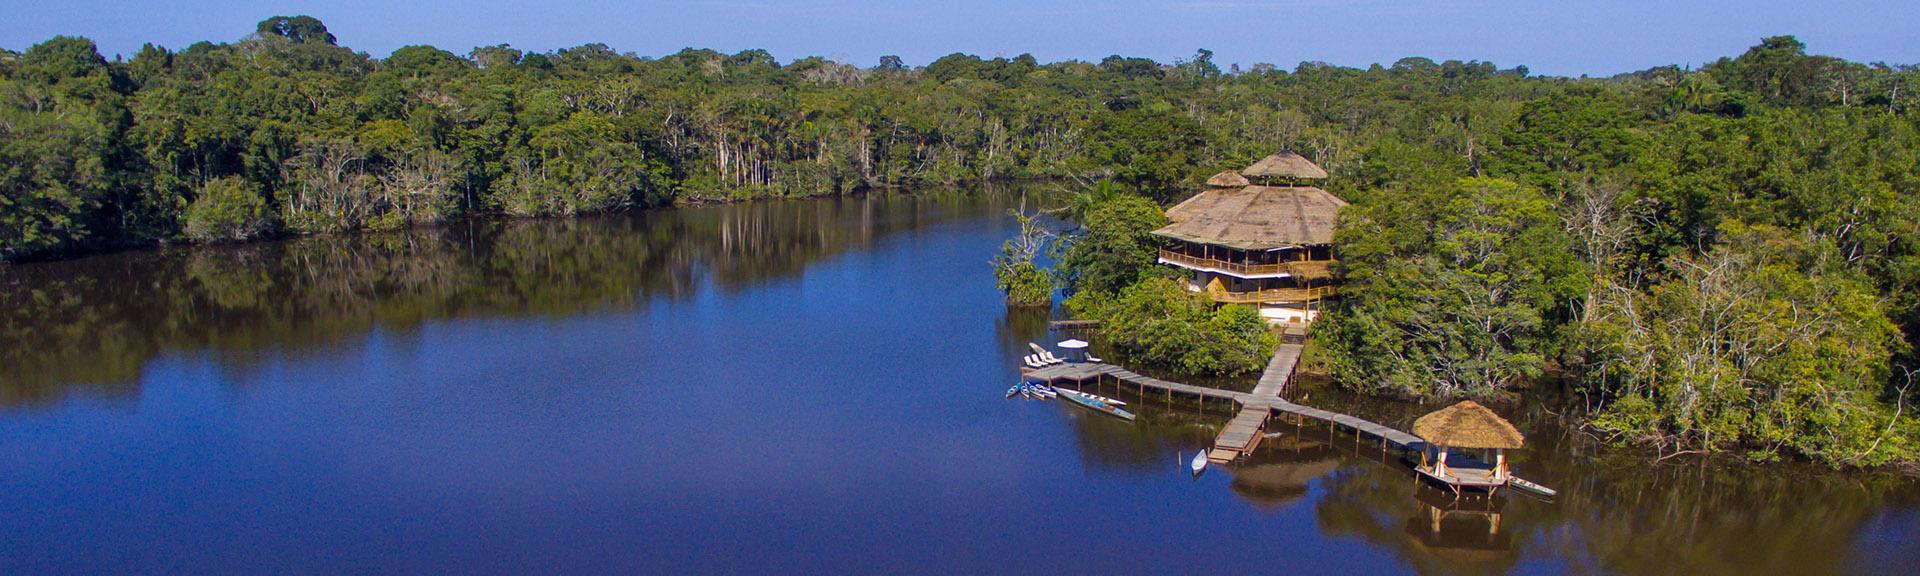 La Selva Jungle Lodge & Spa